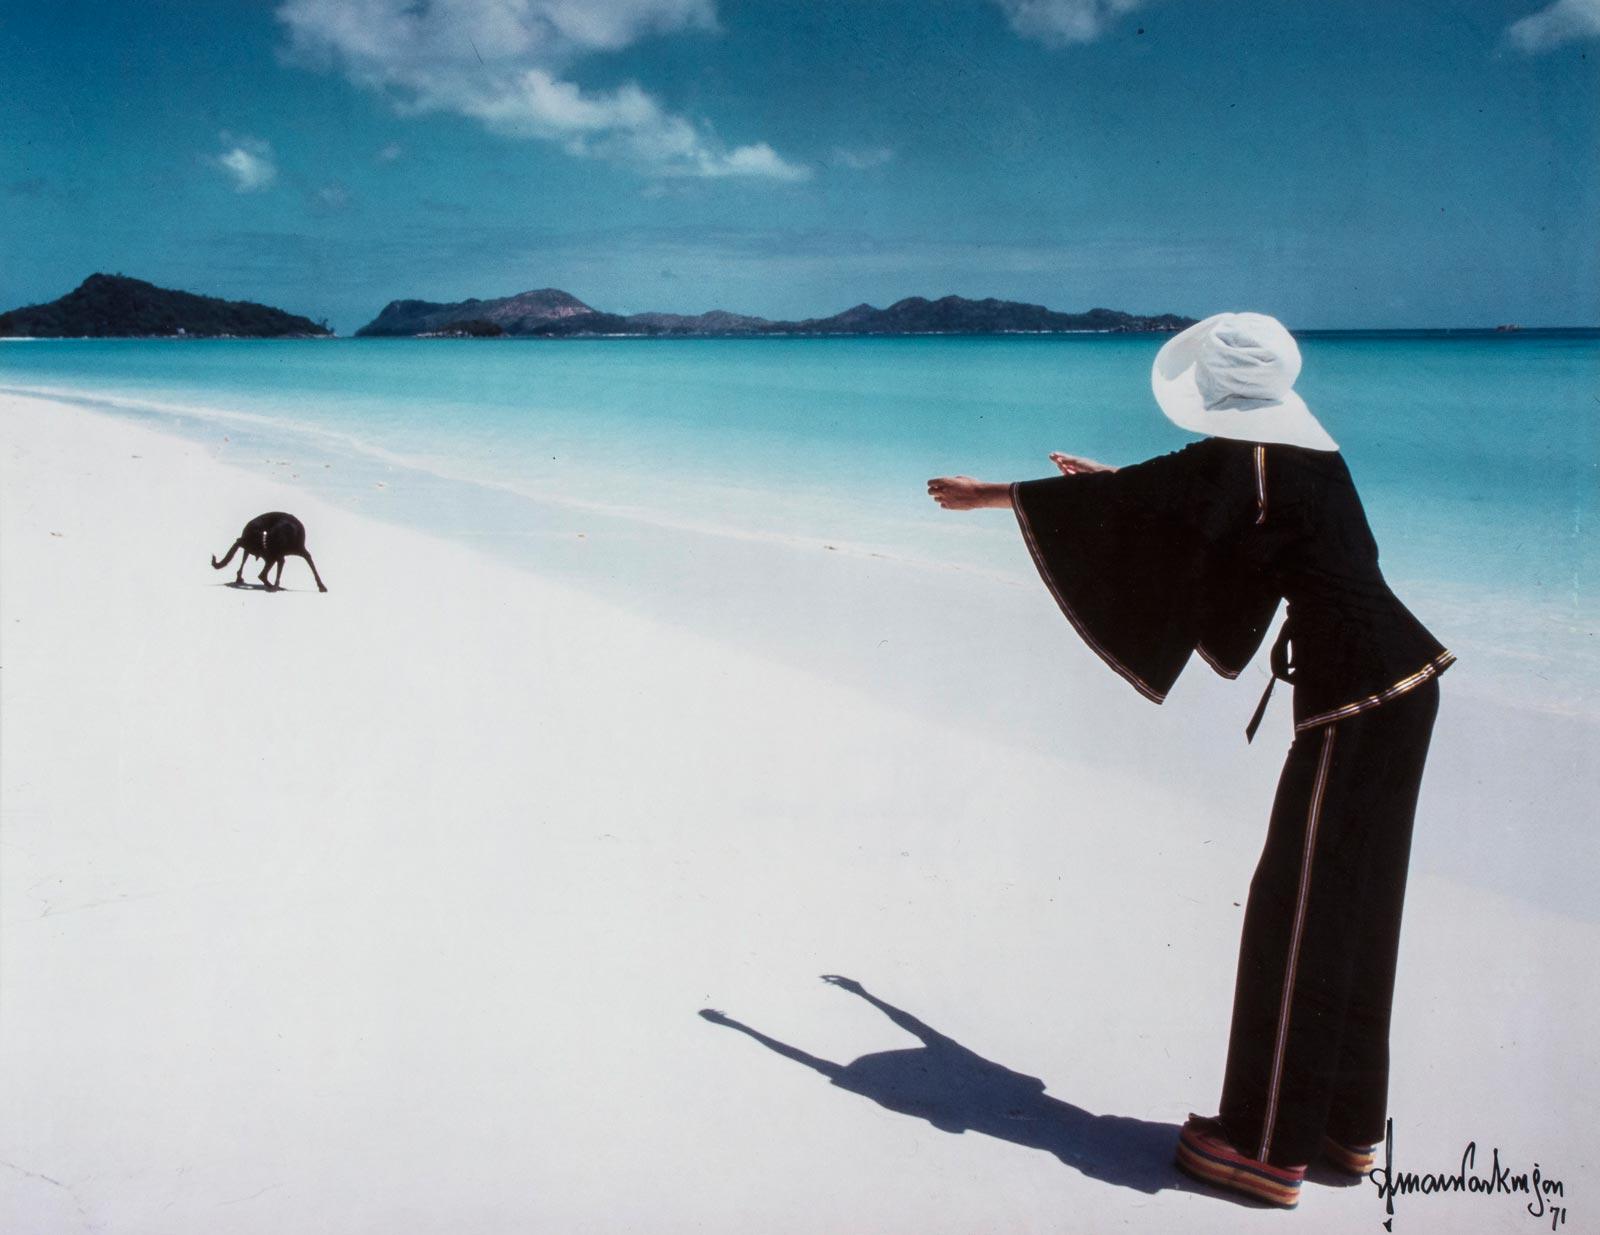 """""""Dog Friday"""", Praslin Island, Seychelles for British Vogue, 1971, Norman Parkinson (1913-1990)."""